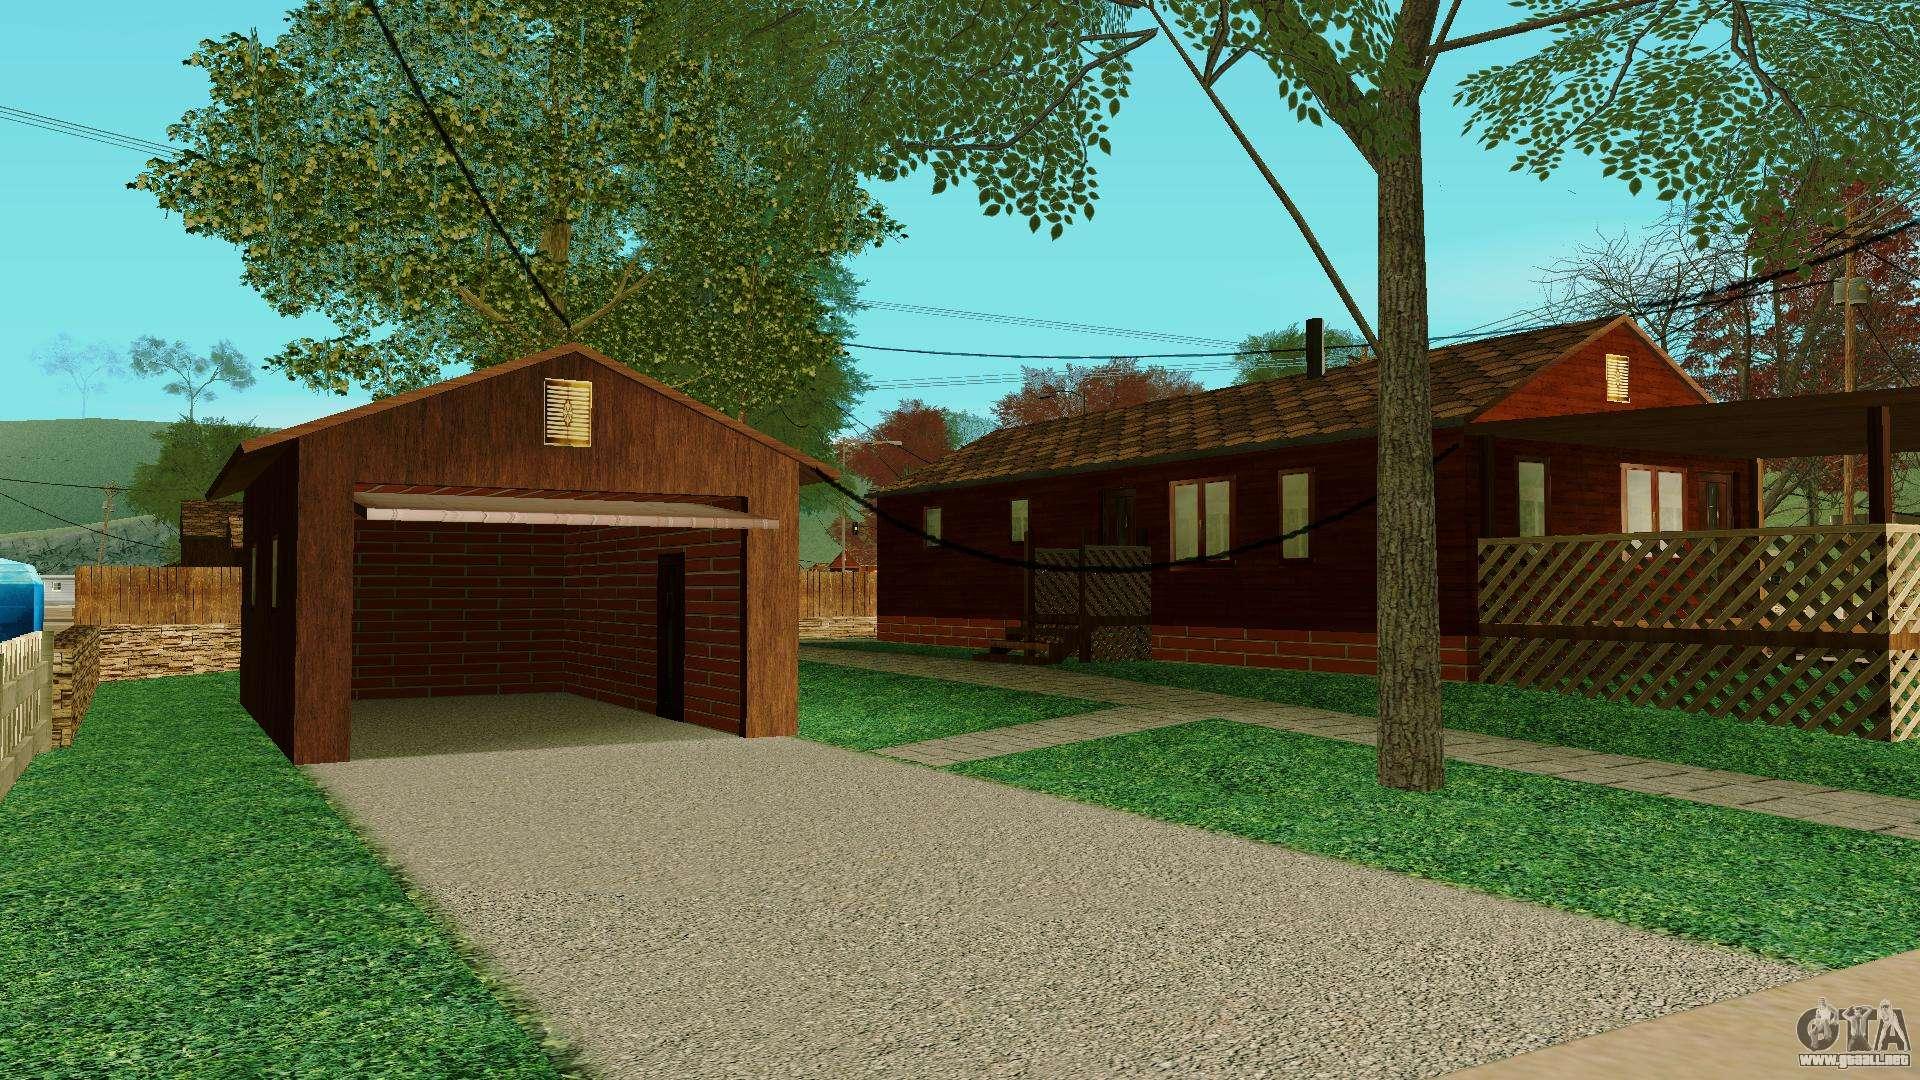 Una casa en el pueblo para gta san andreas for Casa moderna gta sa